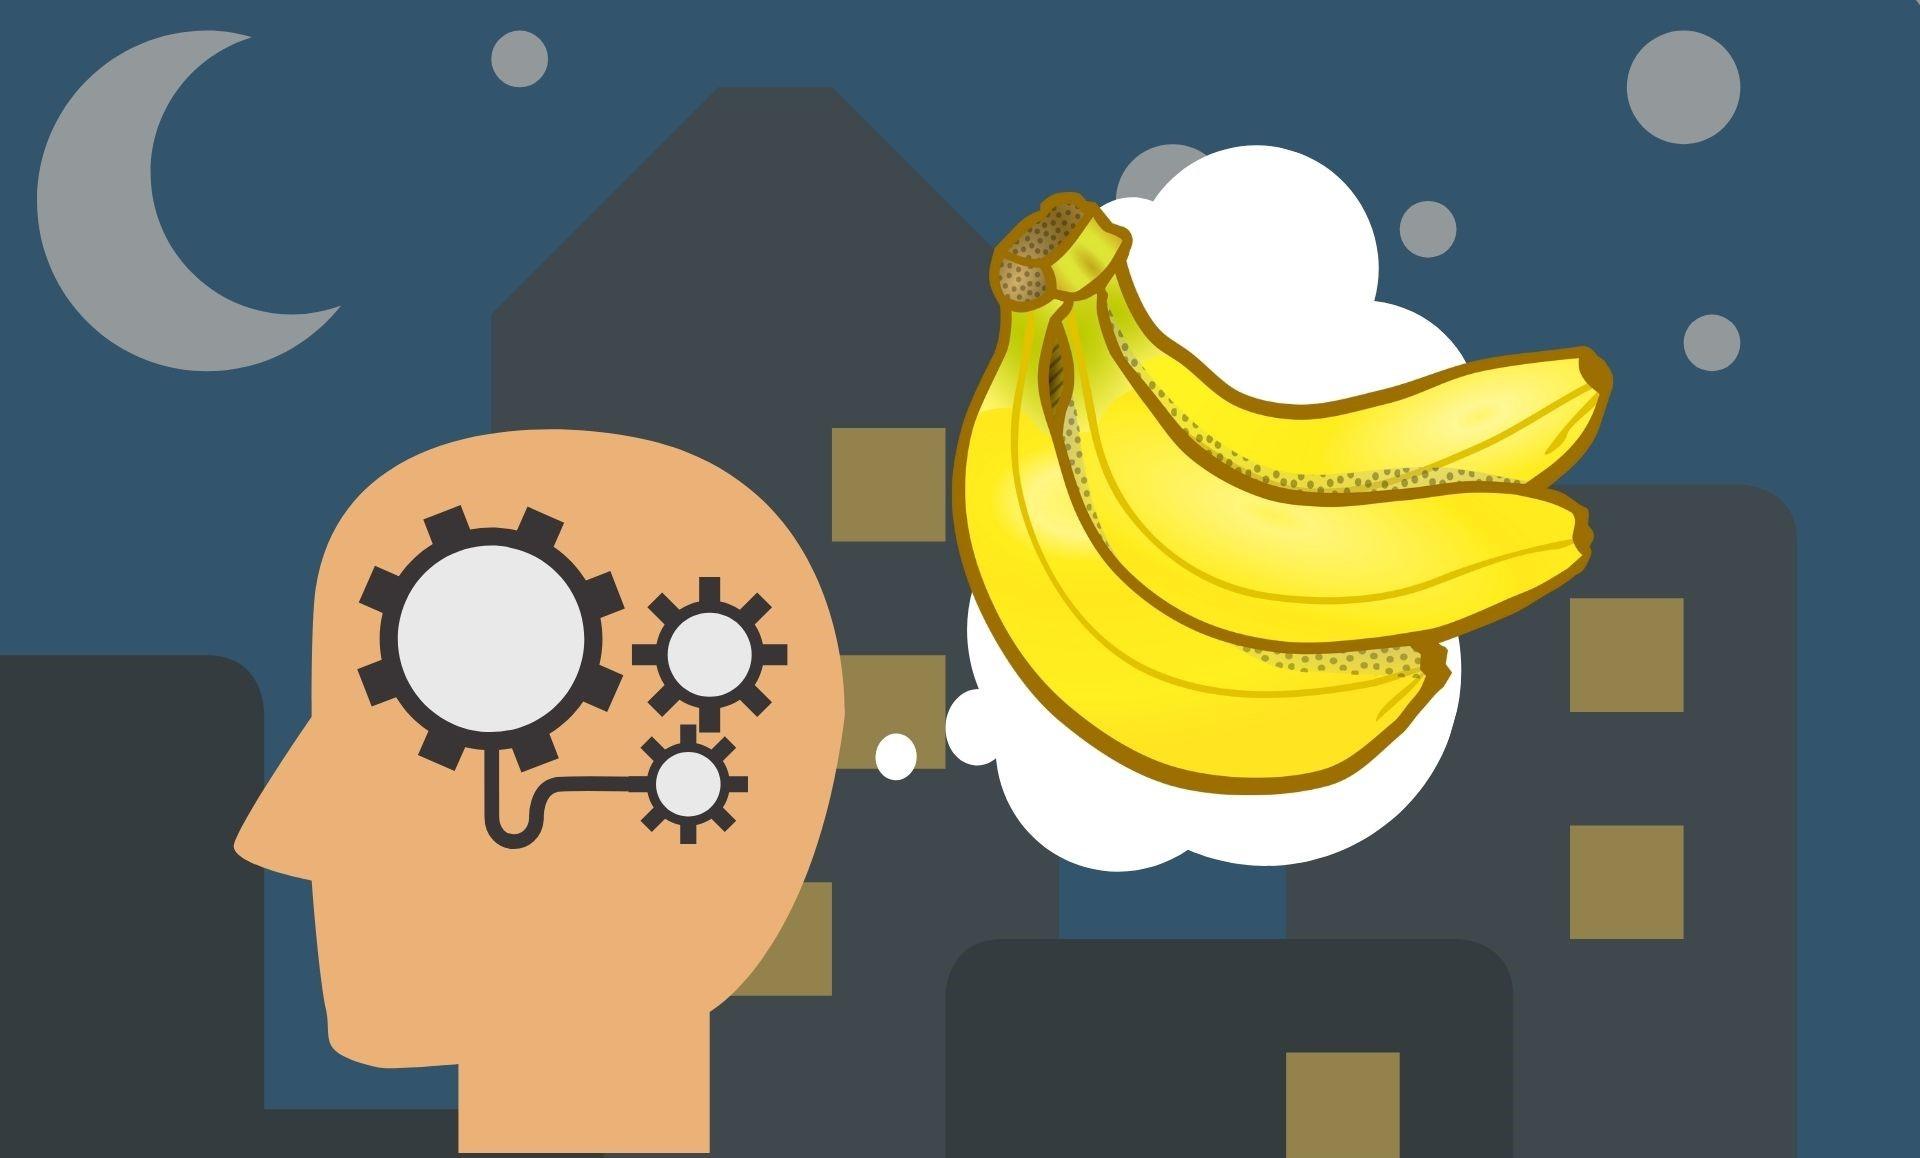 「バナナは快眠にいい」ってホント? バナナが眠りに与えるメリットとは